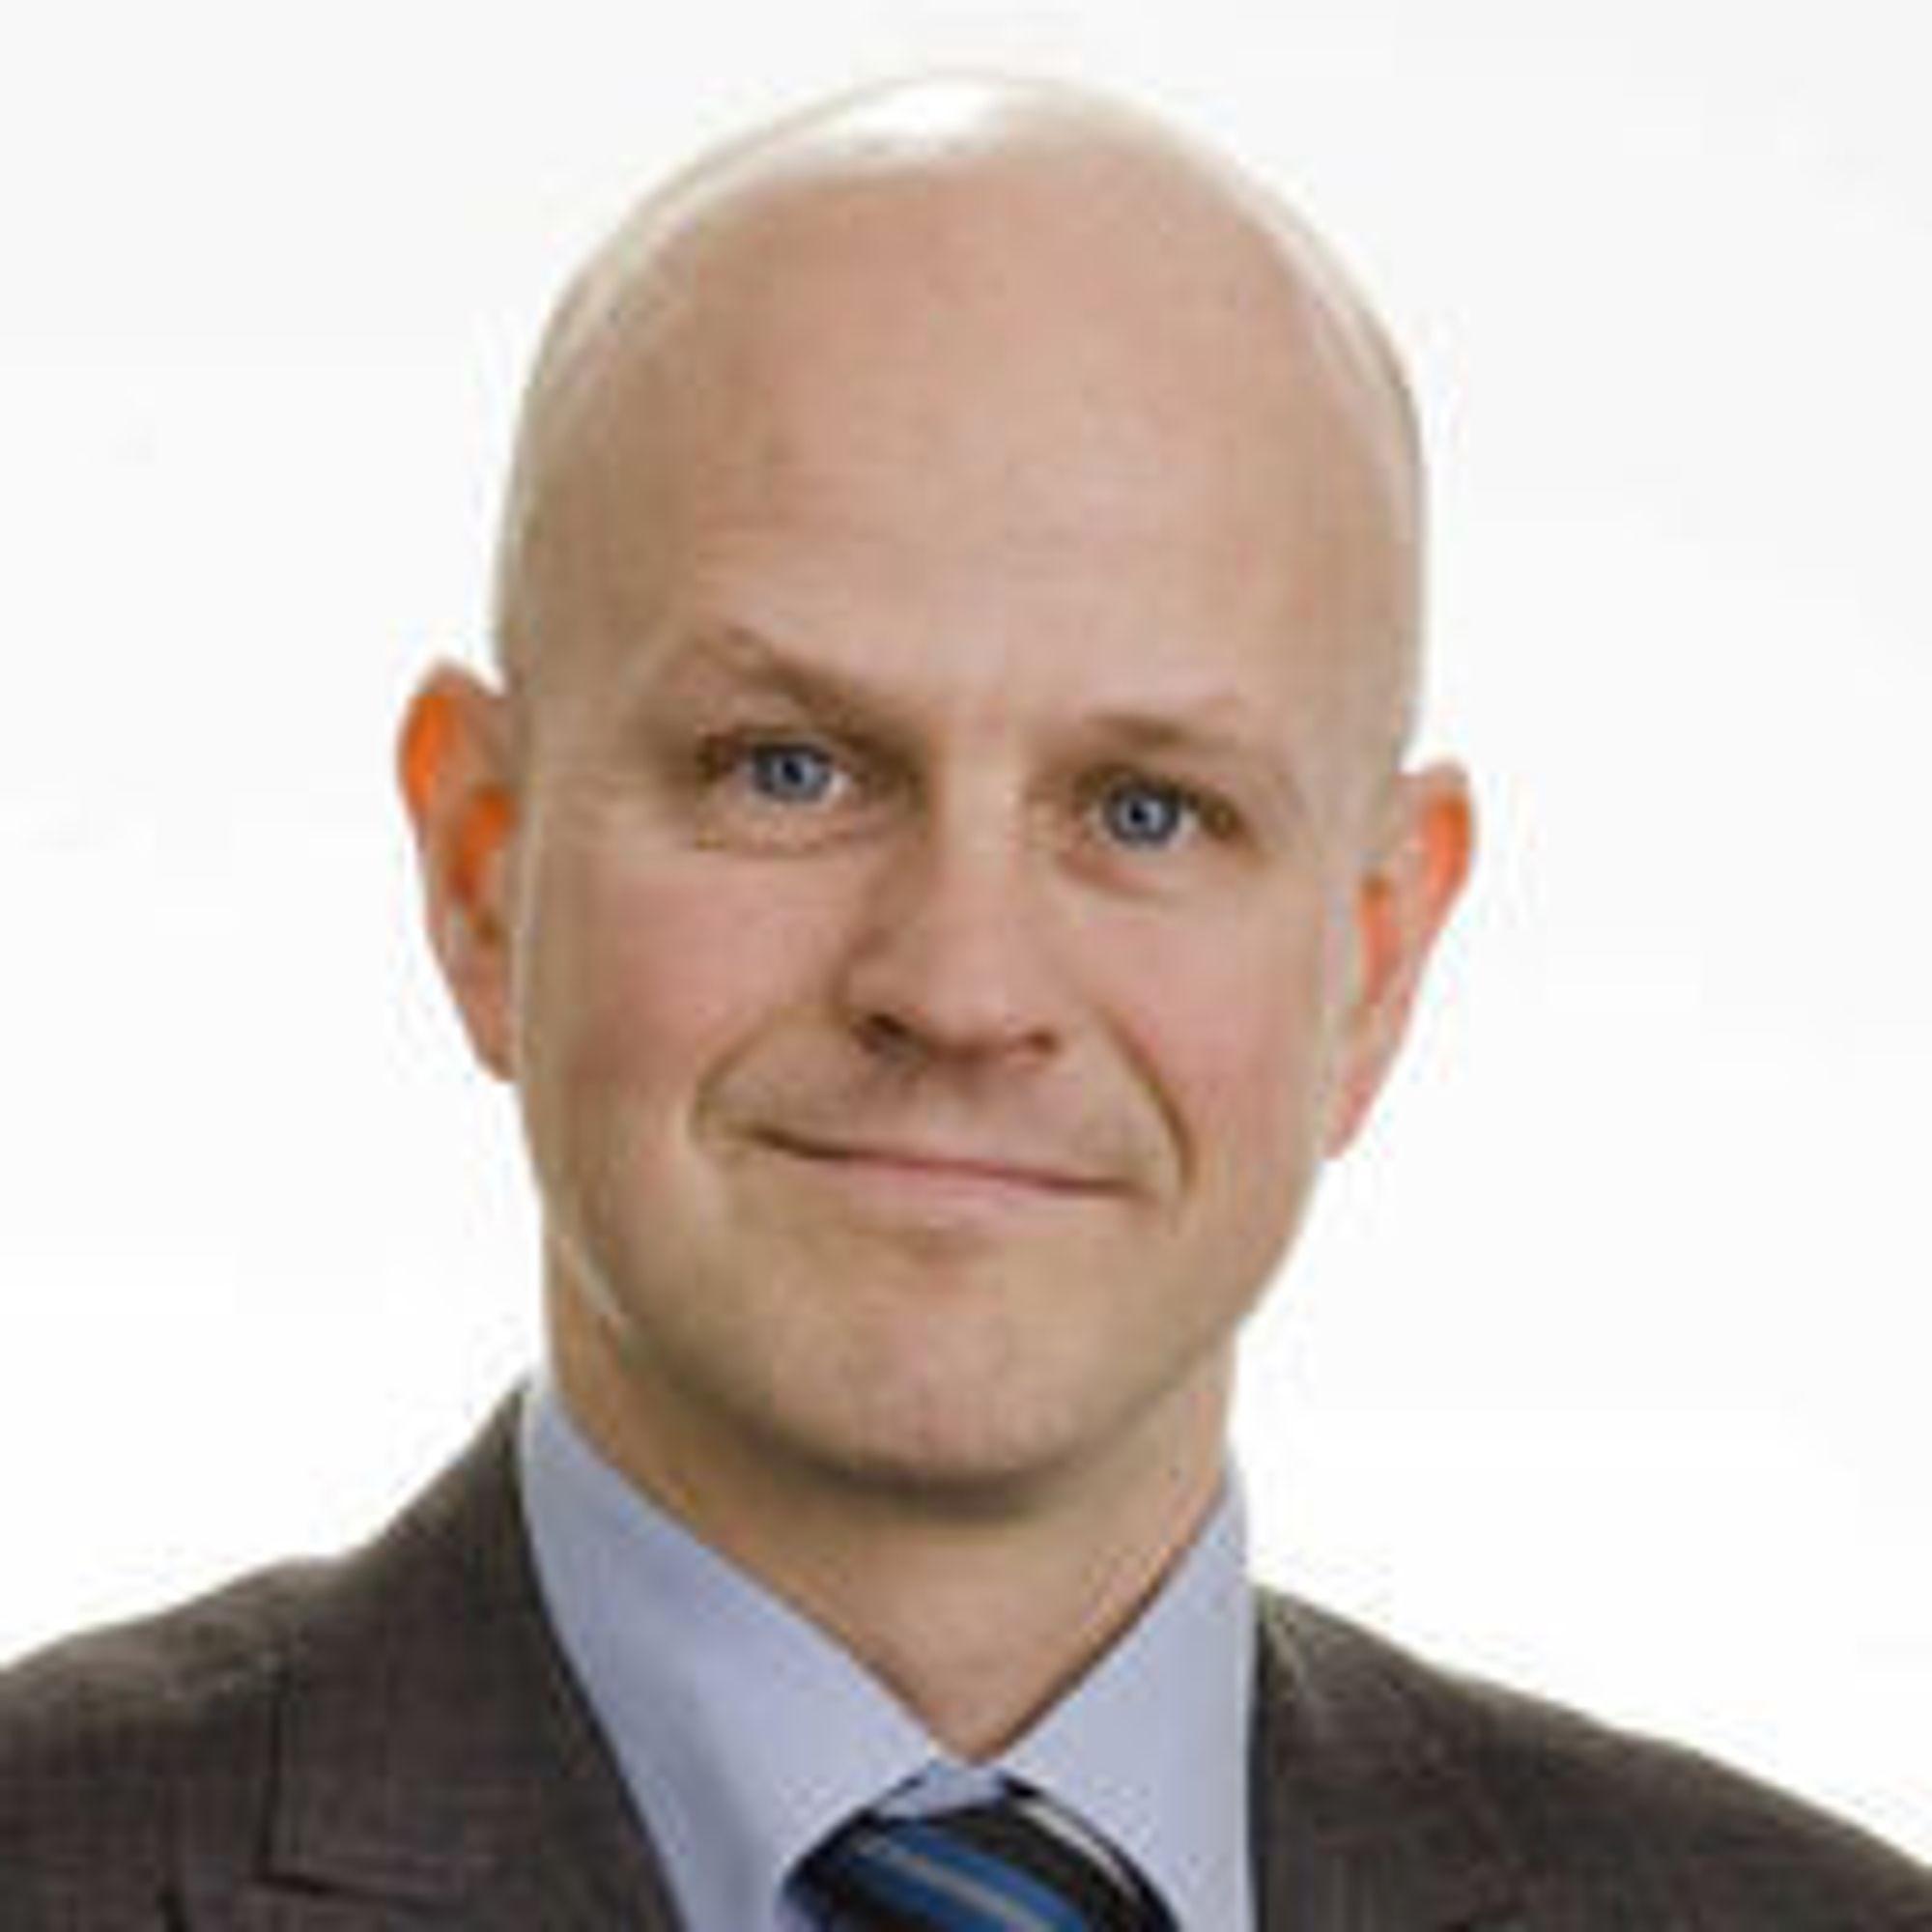 Bård Hammervold, kommunikasjonsdirektør i Eniro Norge.